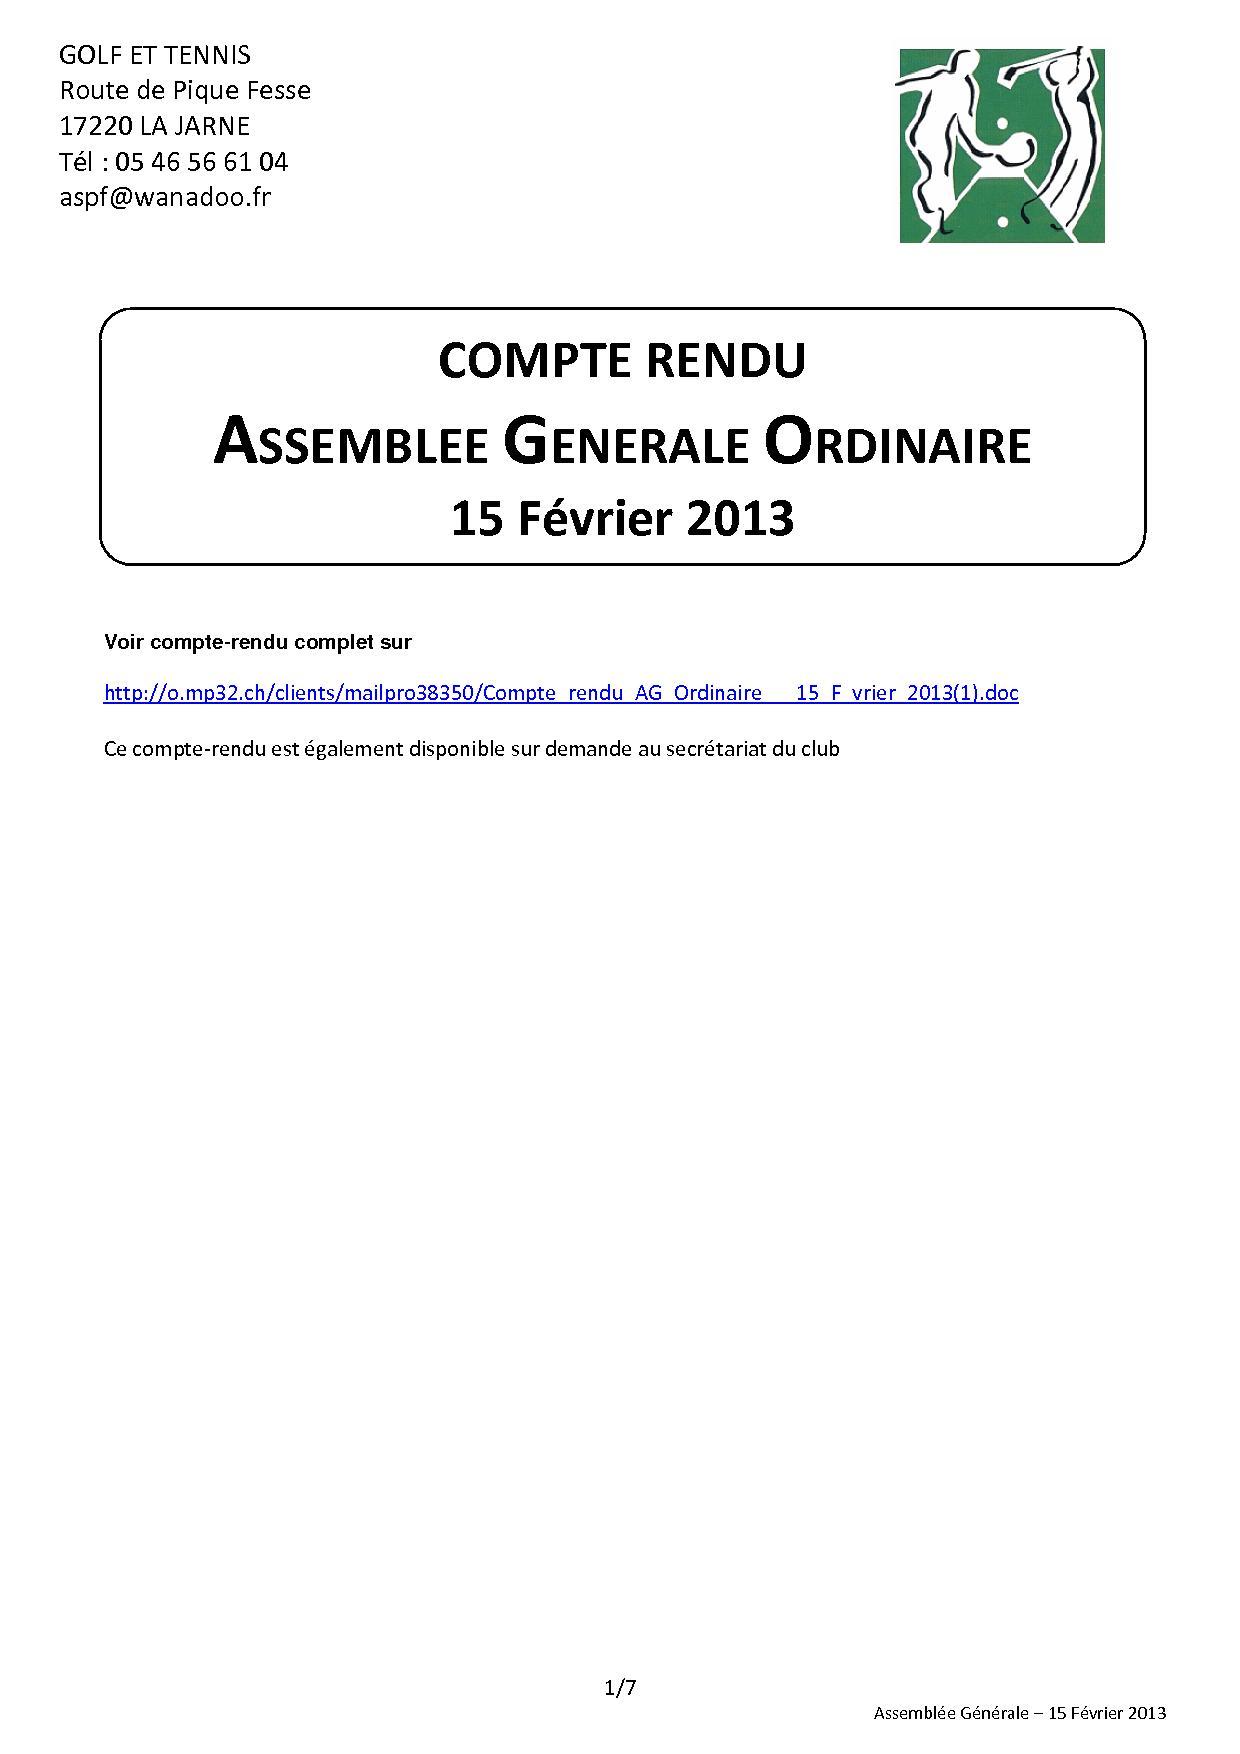 Compte_rendu_AG_Ordinaire___15_F_vrier_2013_1_